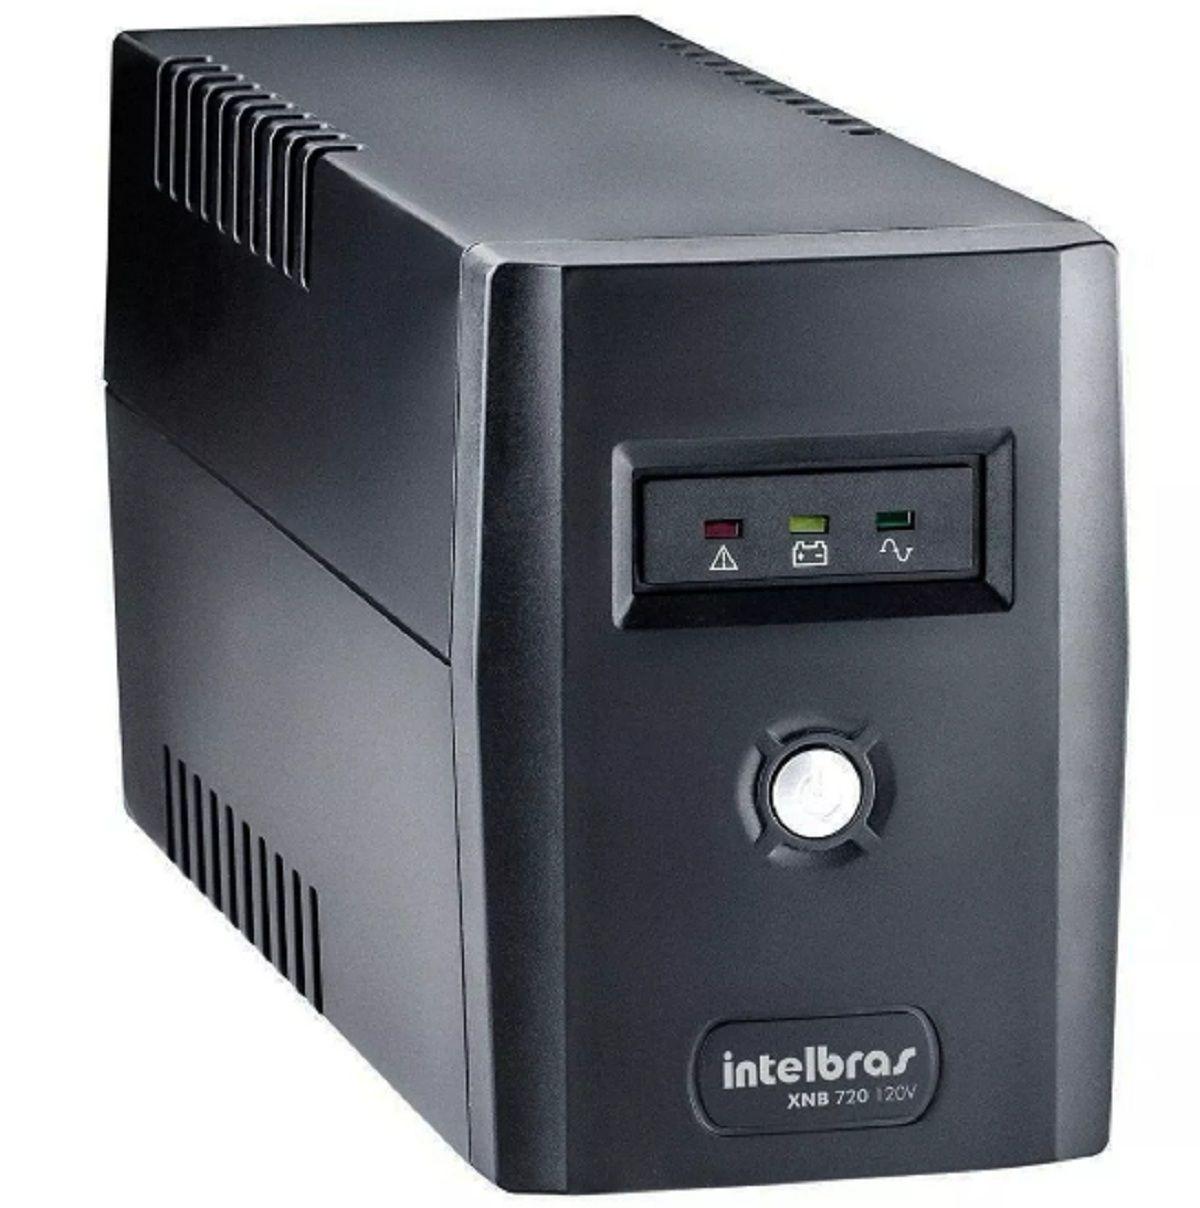 Nobreak Intelbras Xnb 720va 120v